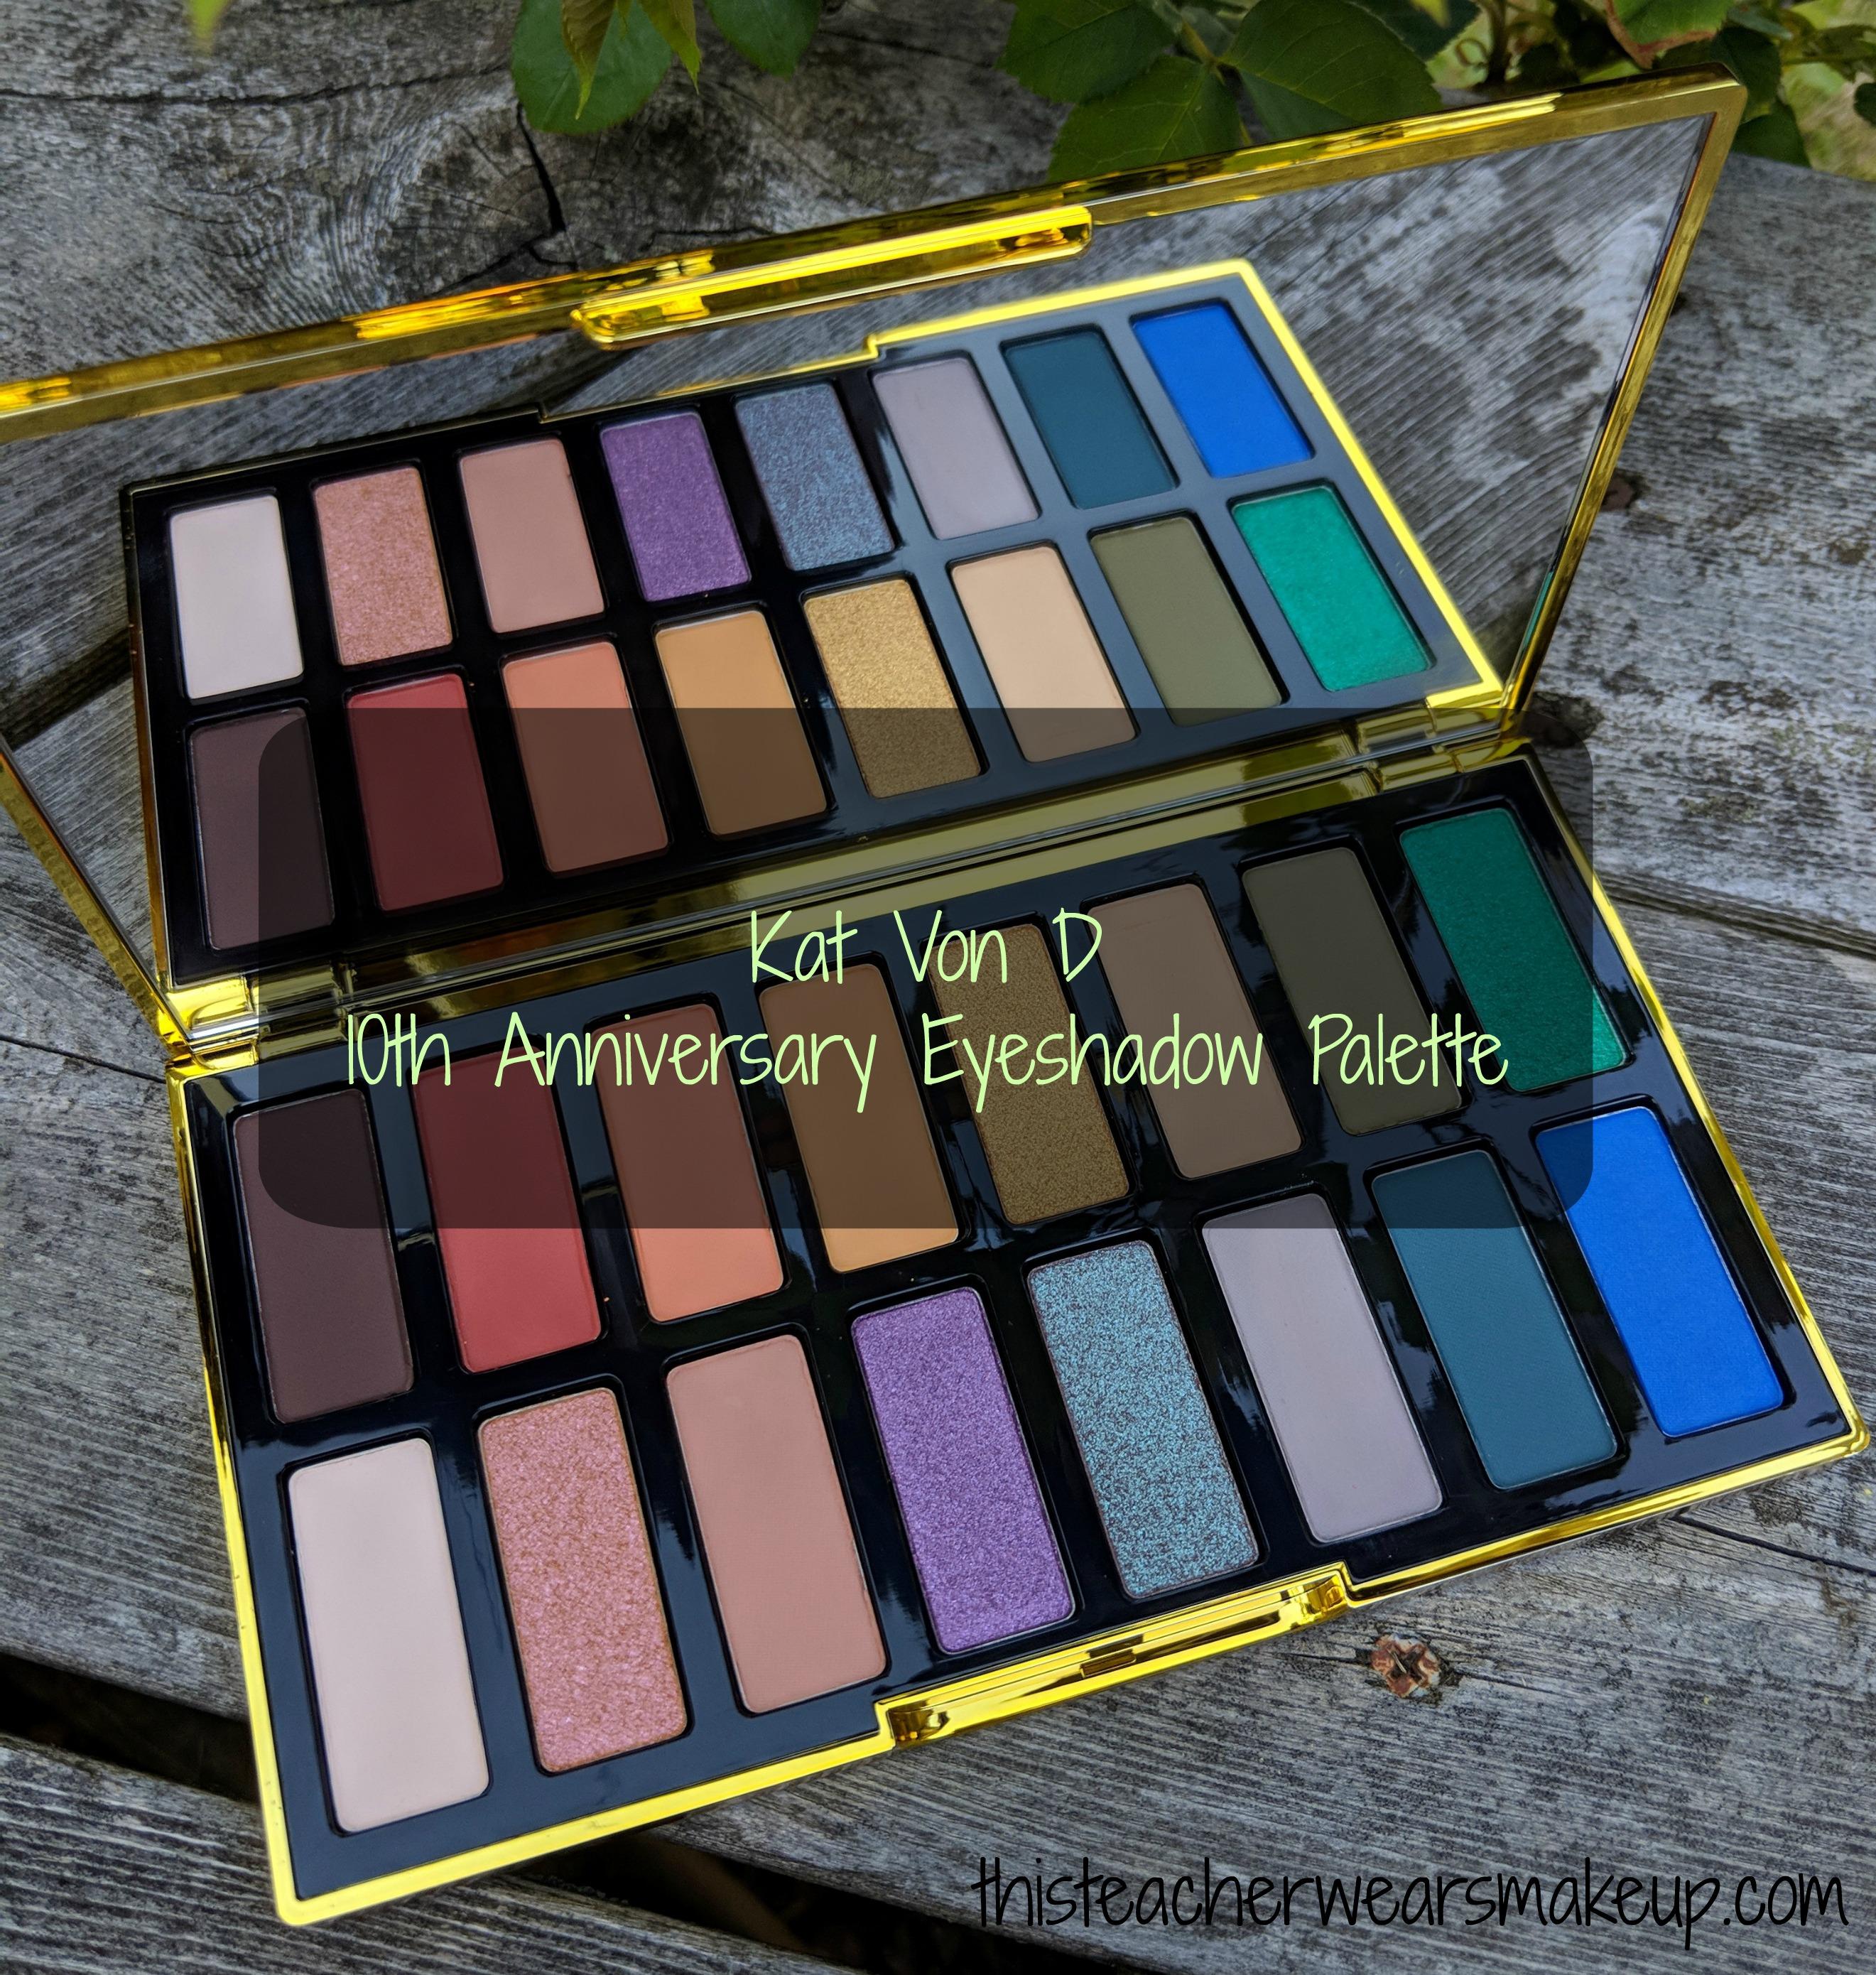 Kat Von D 10th Anniversary Eyeshadow Palette